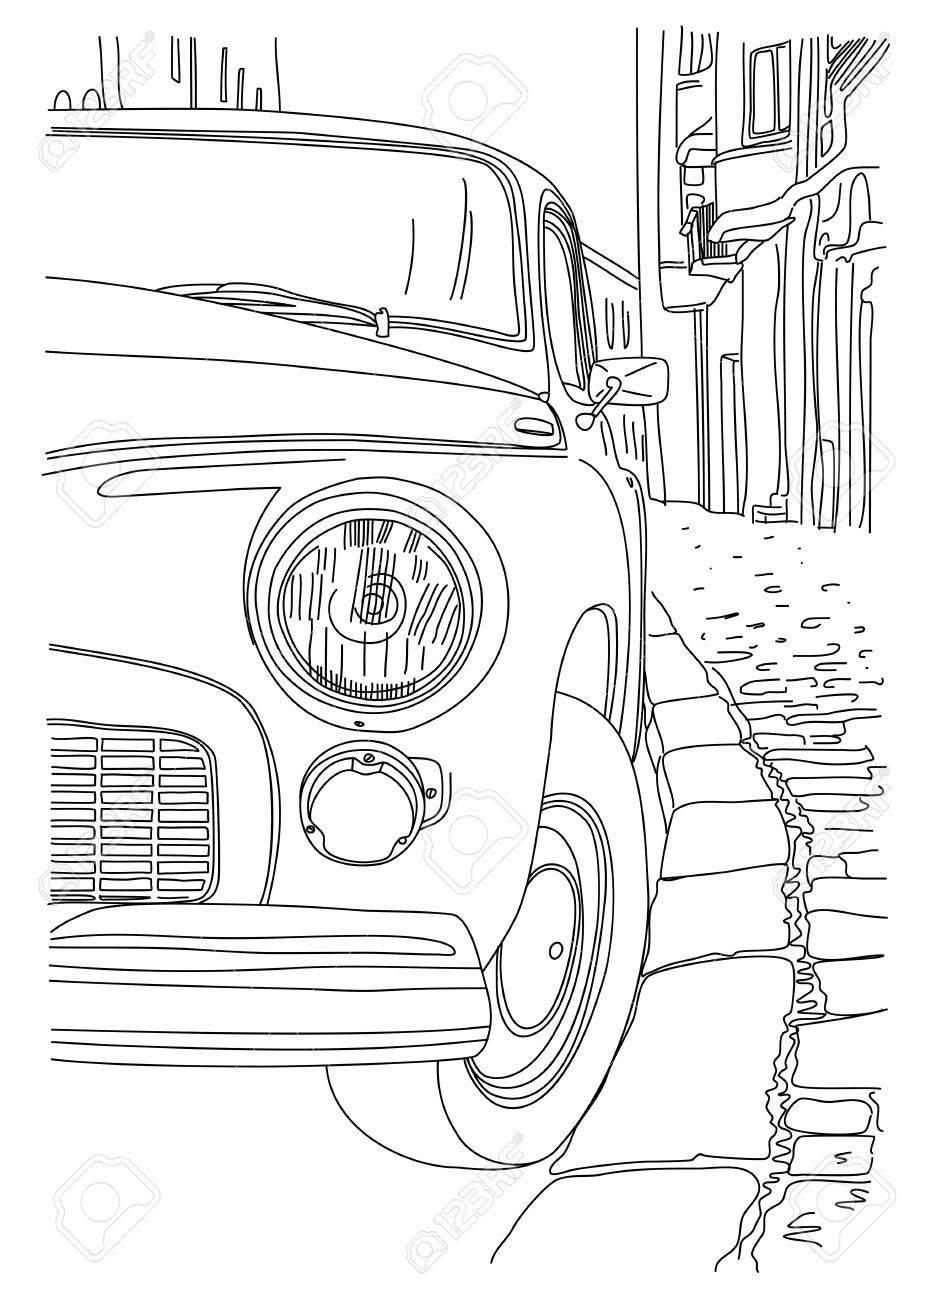 Eine Skizze Der Alten Autos In Der Nähe Der Bürgersteig Geparkt ...